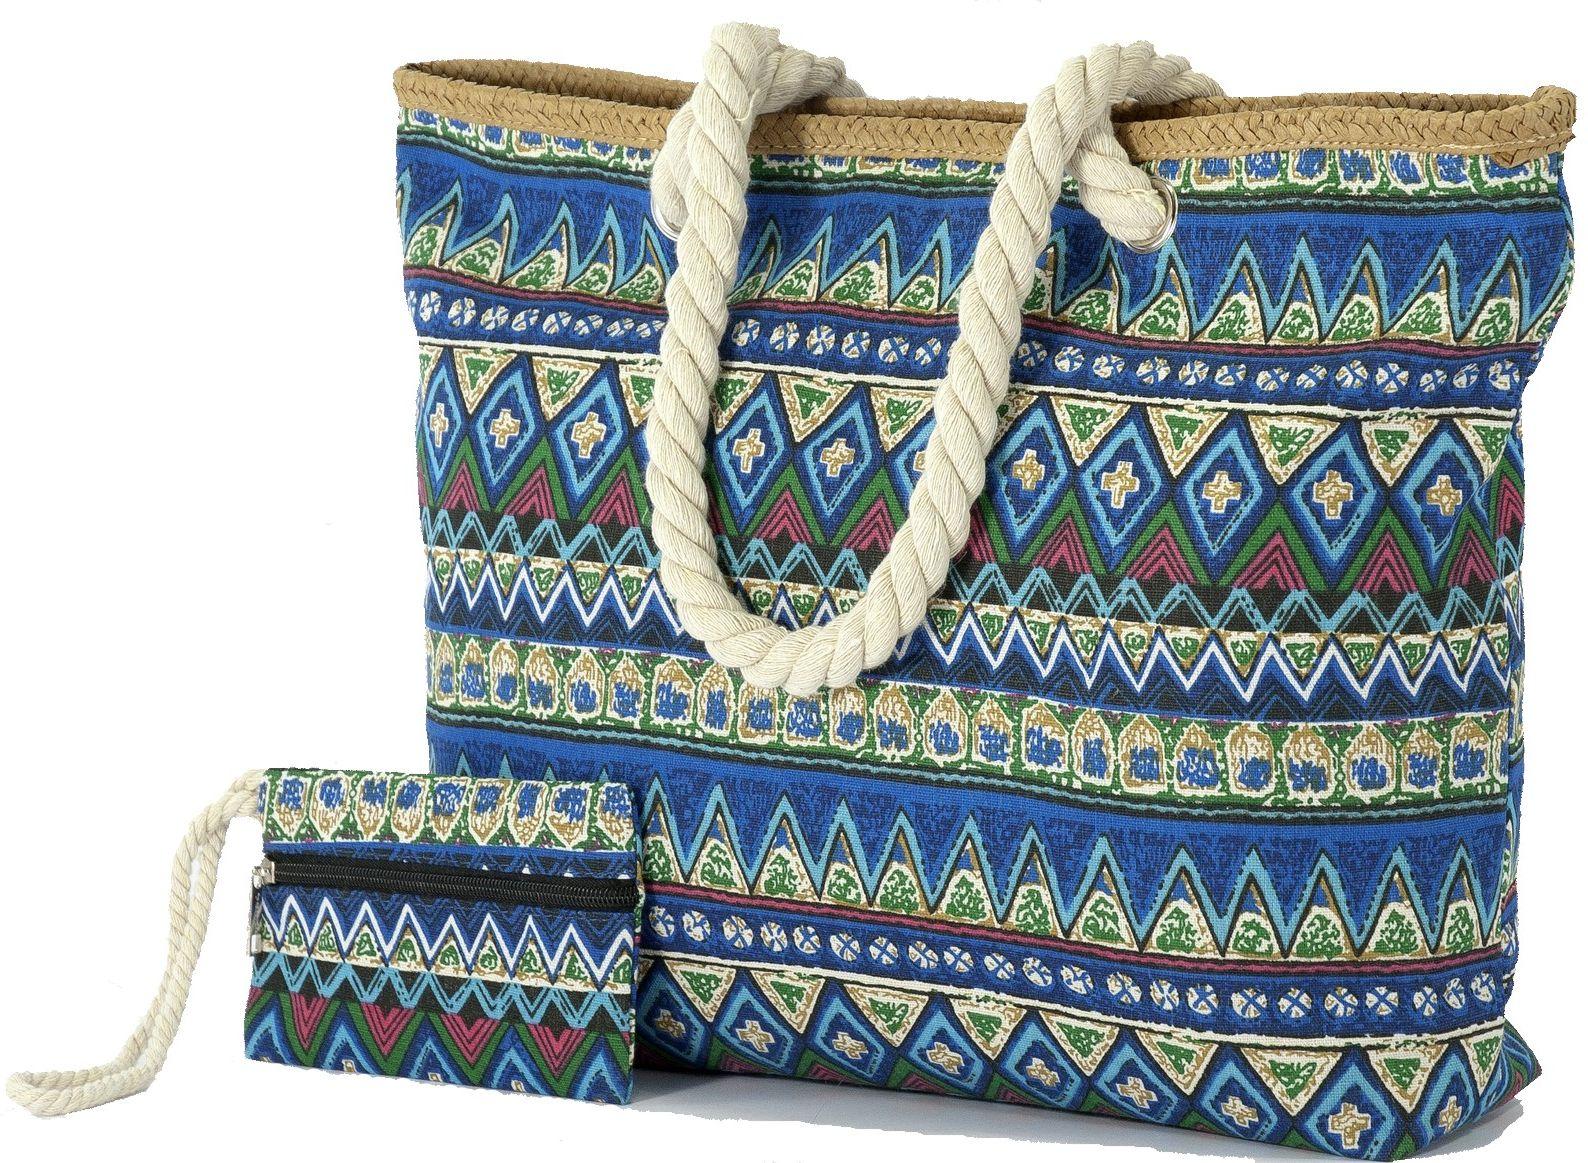 Τσαντα Θαλασσης με Πορτοφολακι Benzi BZ5082 Μπλε Ρουα γυναίκα   τσάντες παραλίας